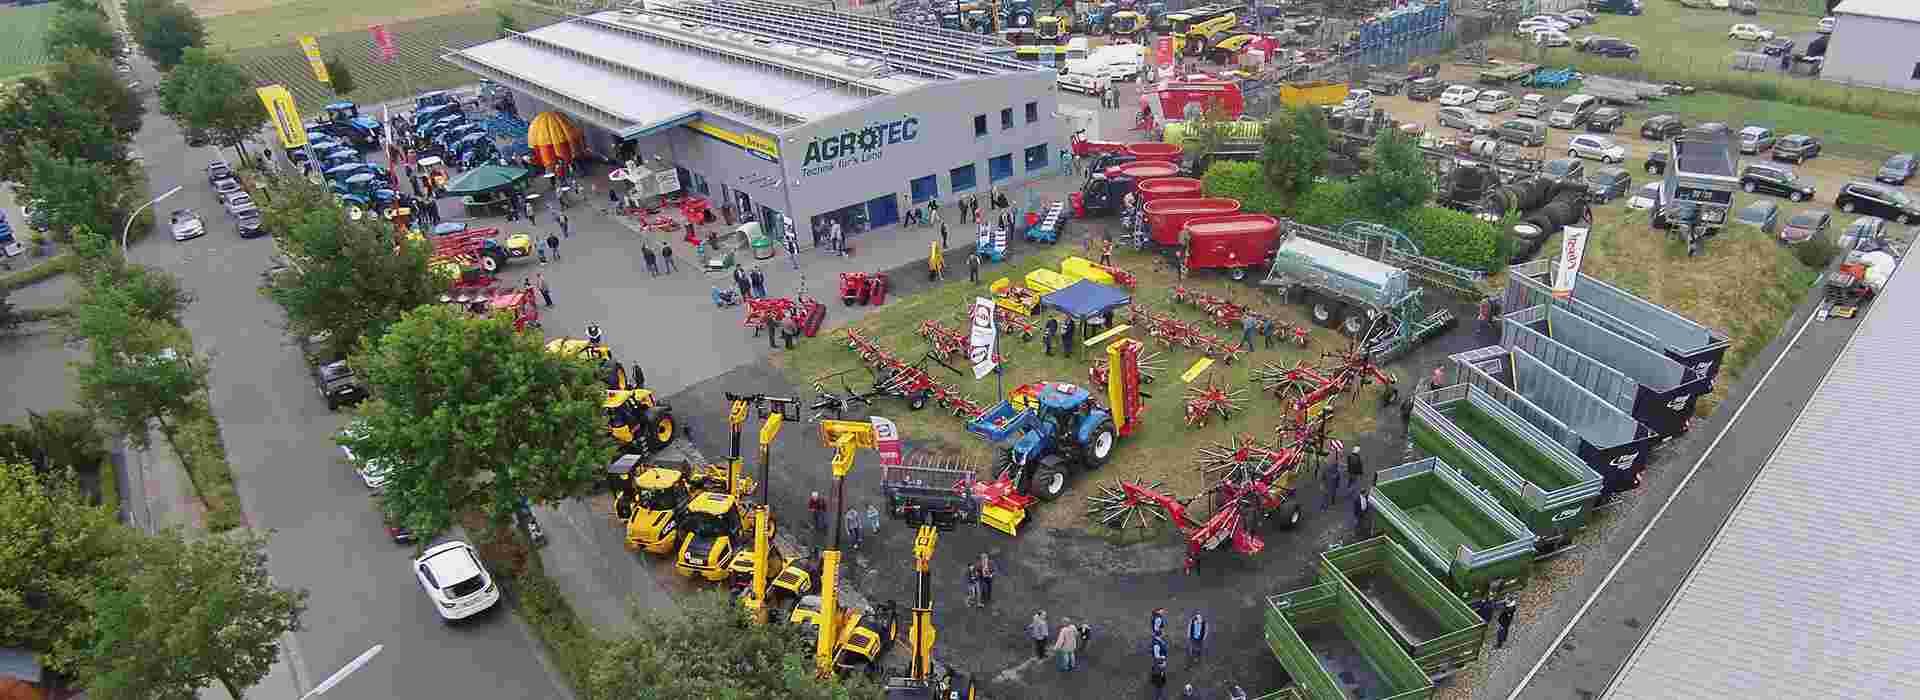 AGROTEC aus Raesfeld